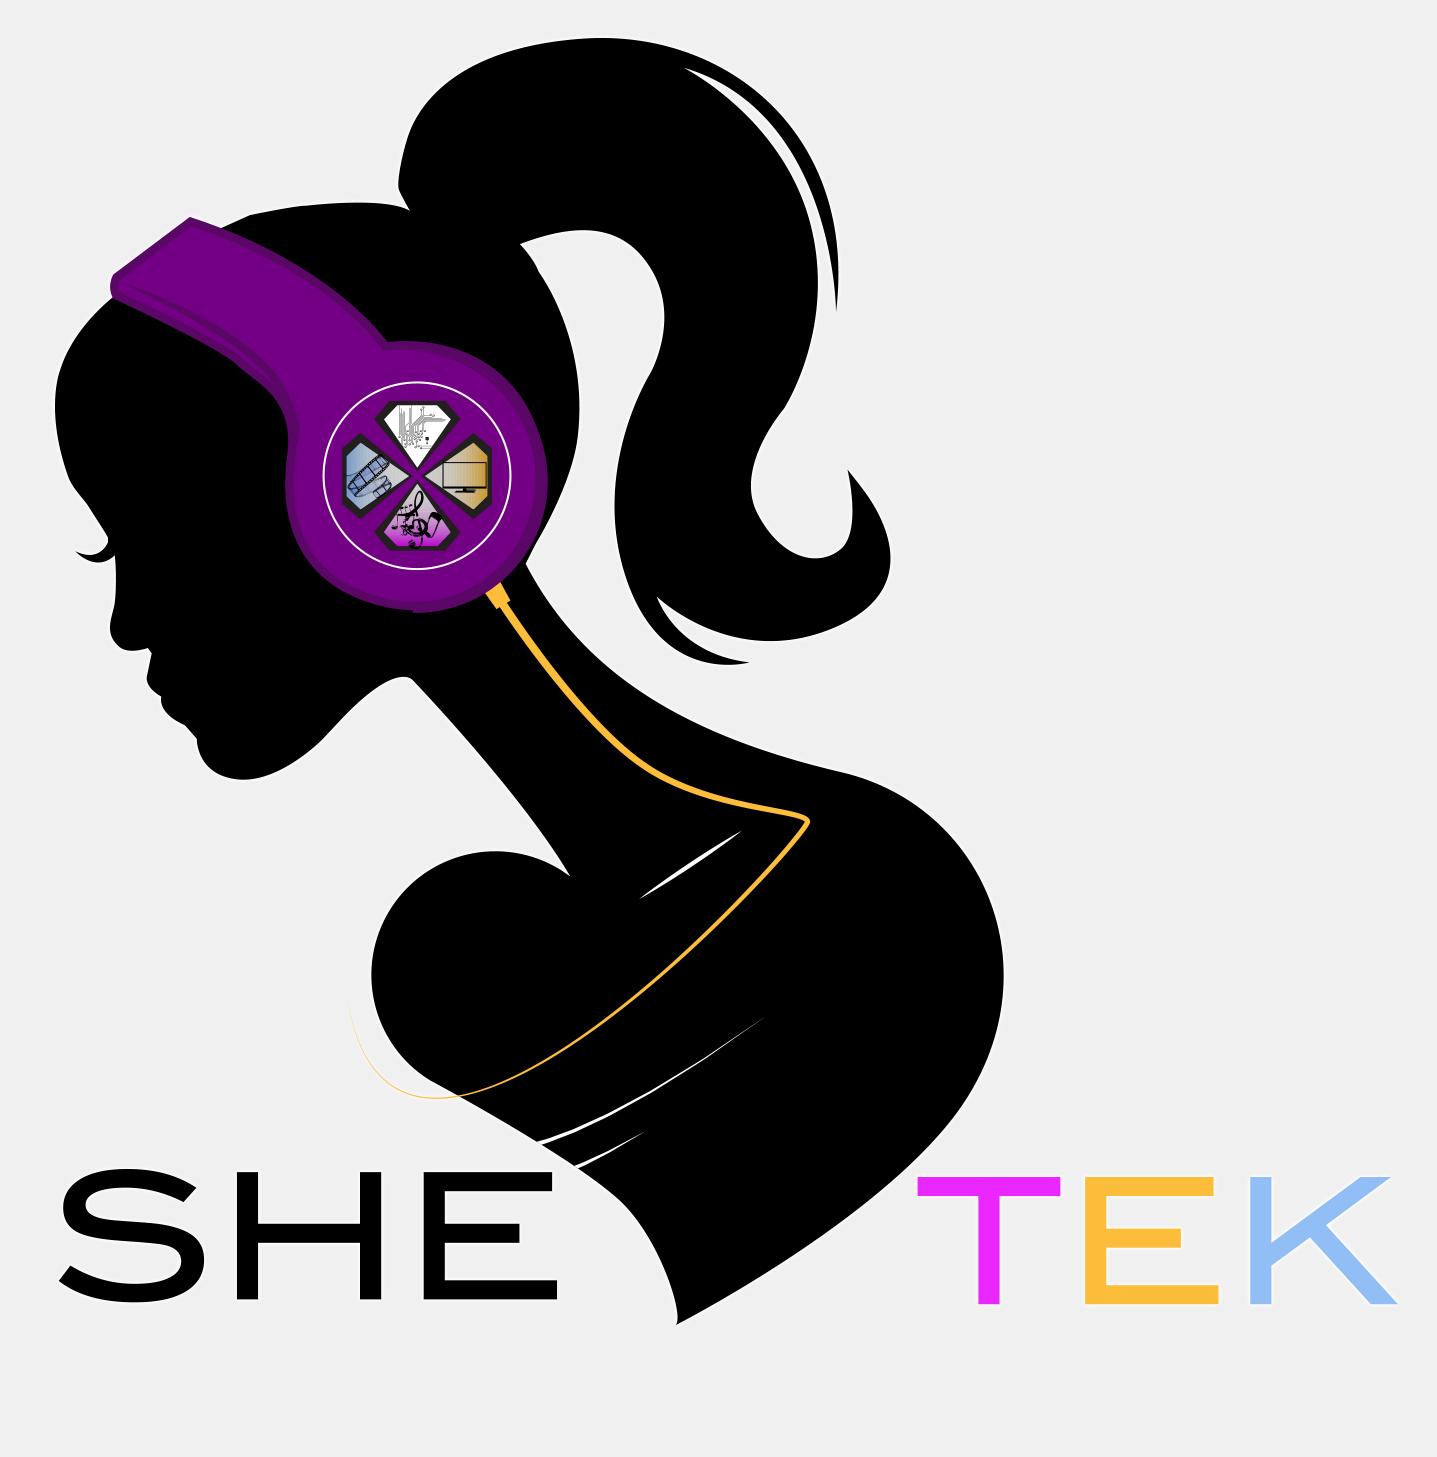 SheTek logo